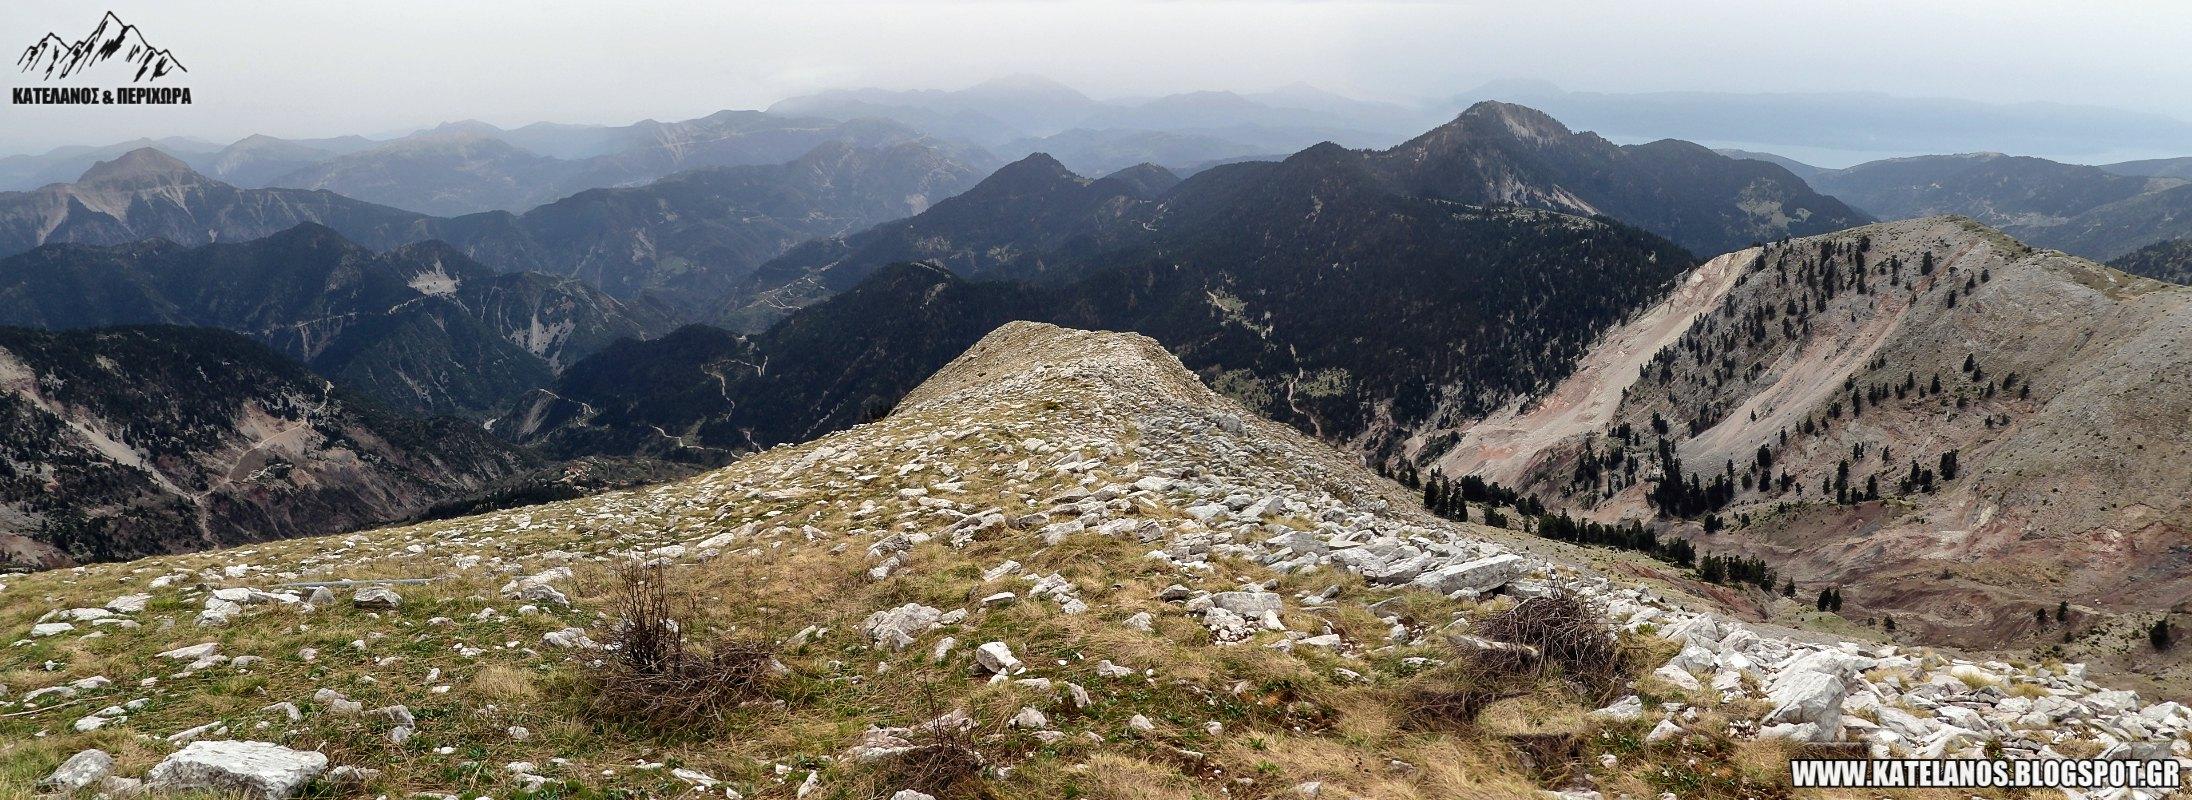 τριανταφυλλια βουνο θέα προς τα νότια